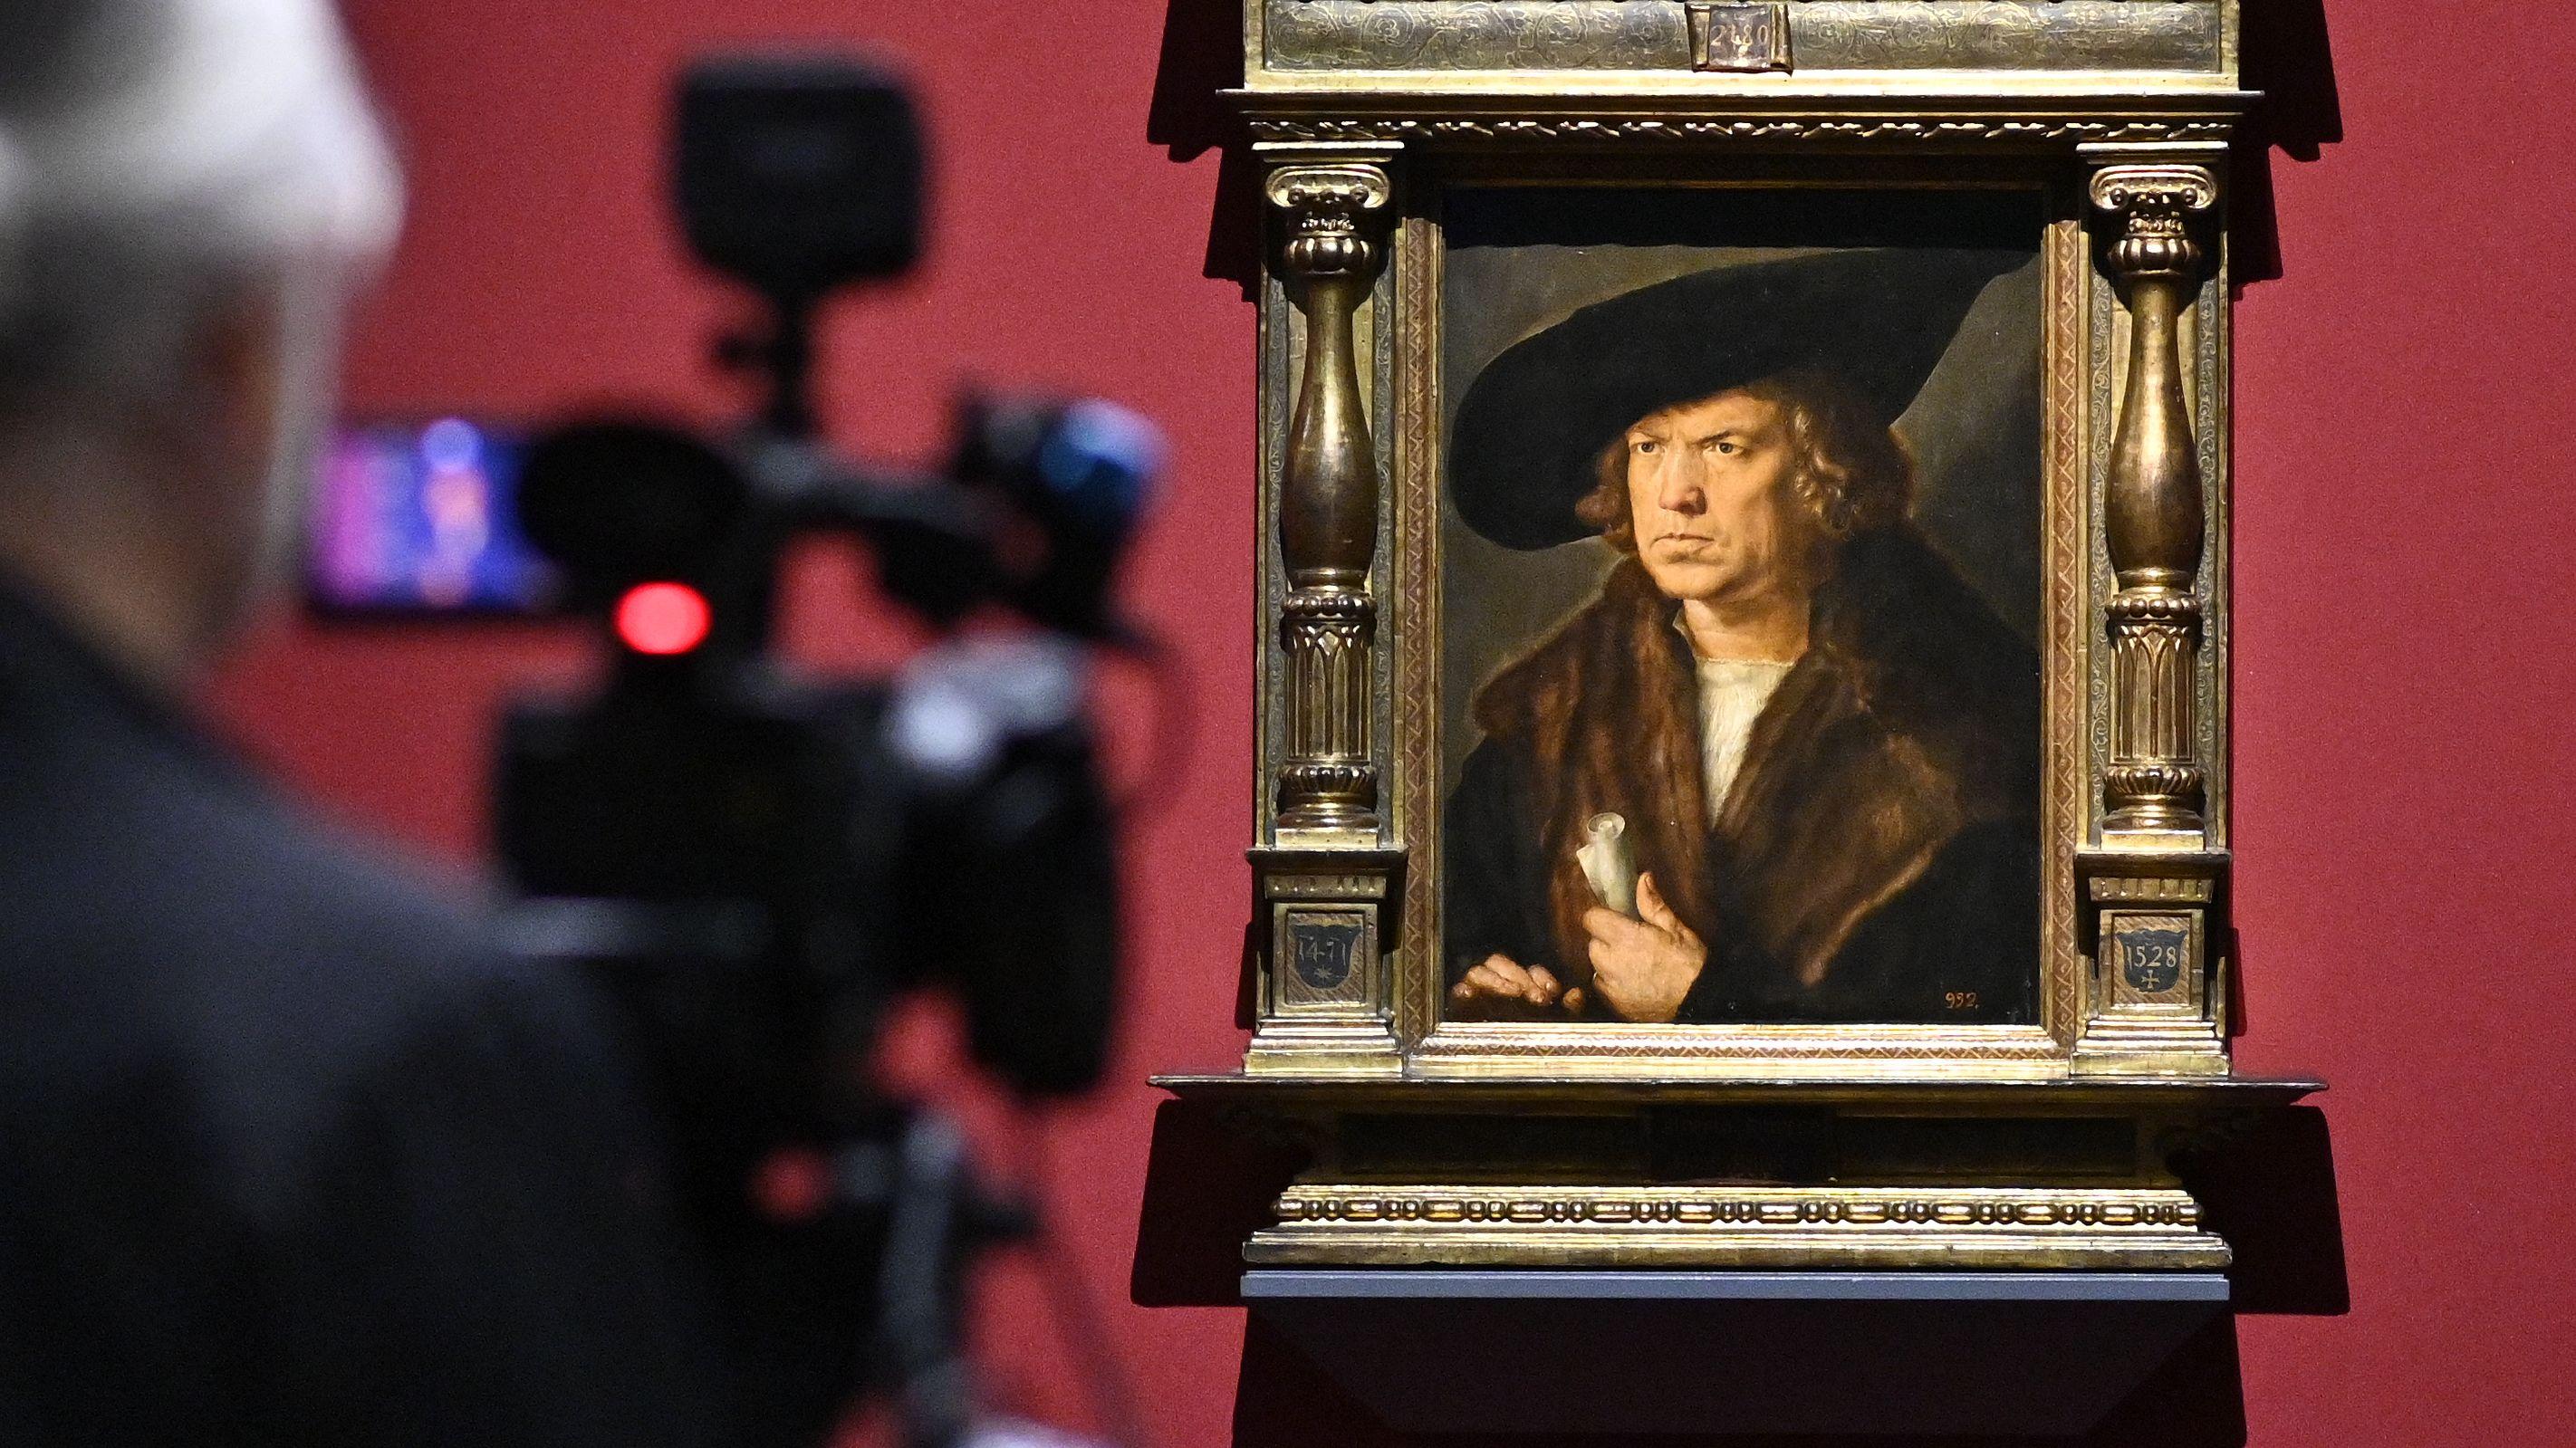 Eine Kamera zeigt auf ein Albrecht Dürer Portrait  in der Albertina Wien